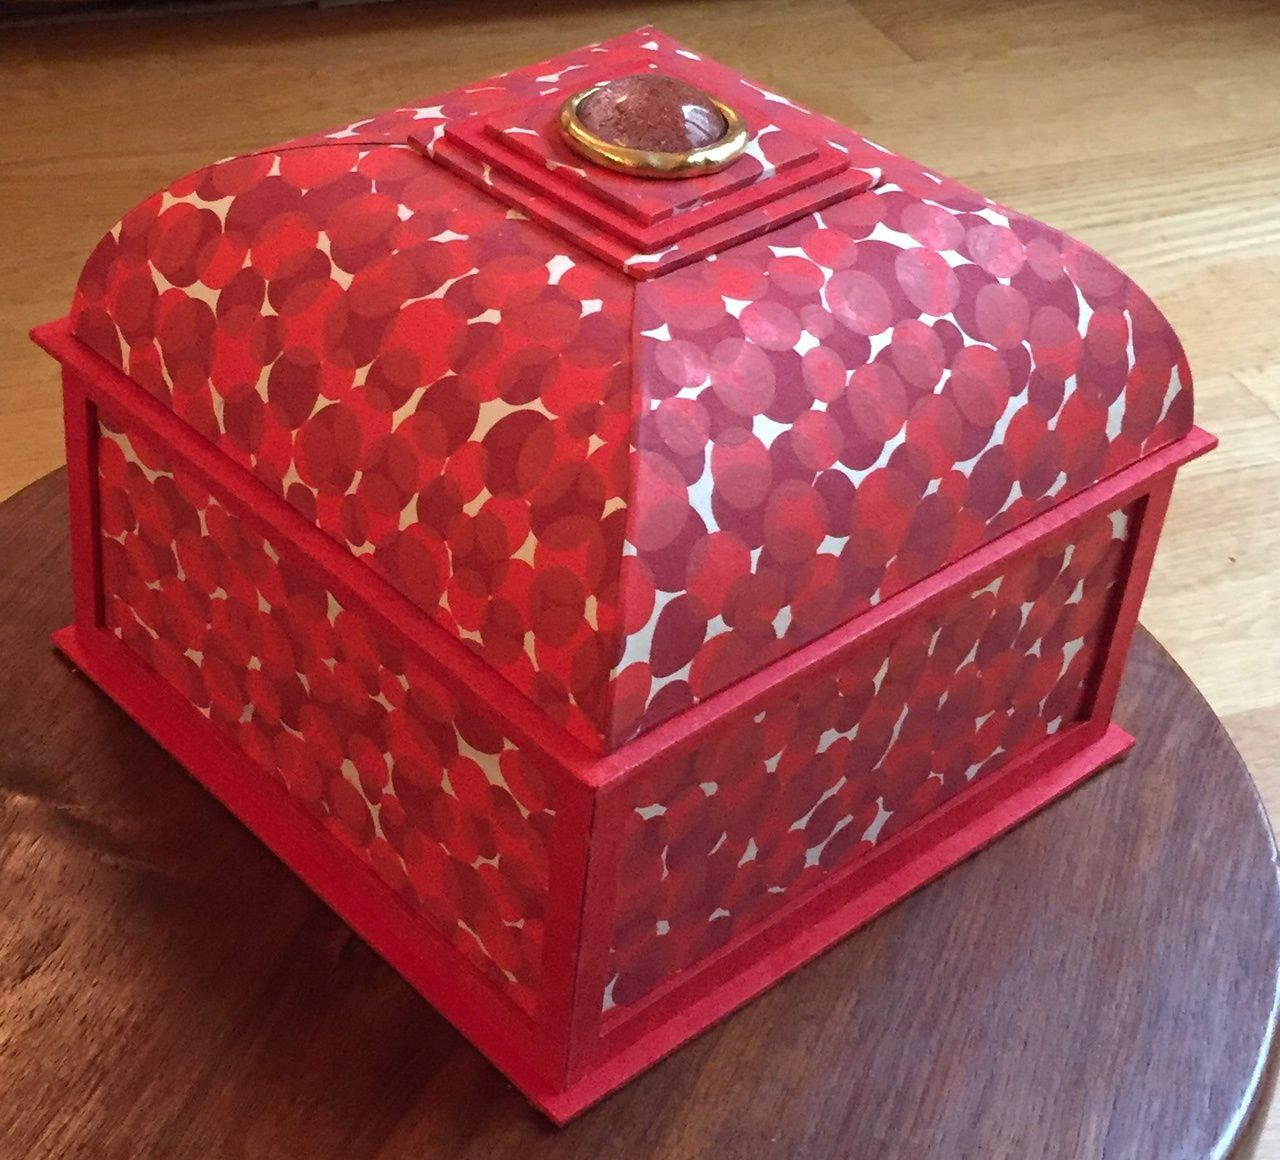 La belle boite de Marion riche en couleur...